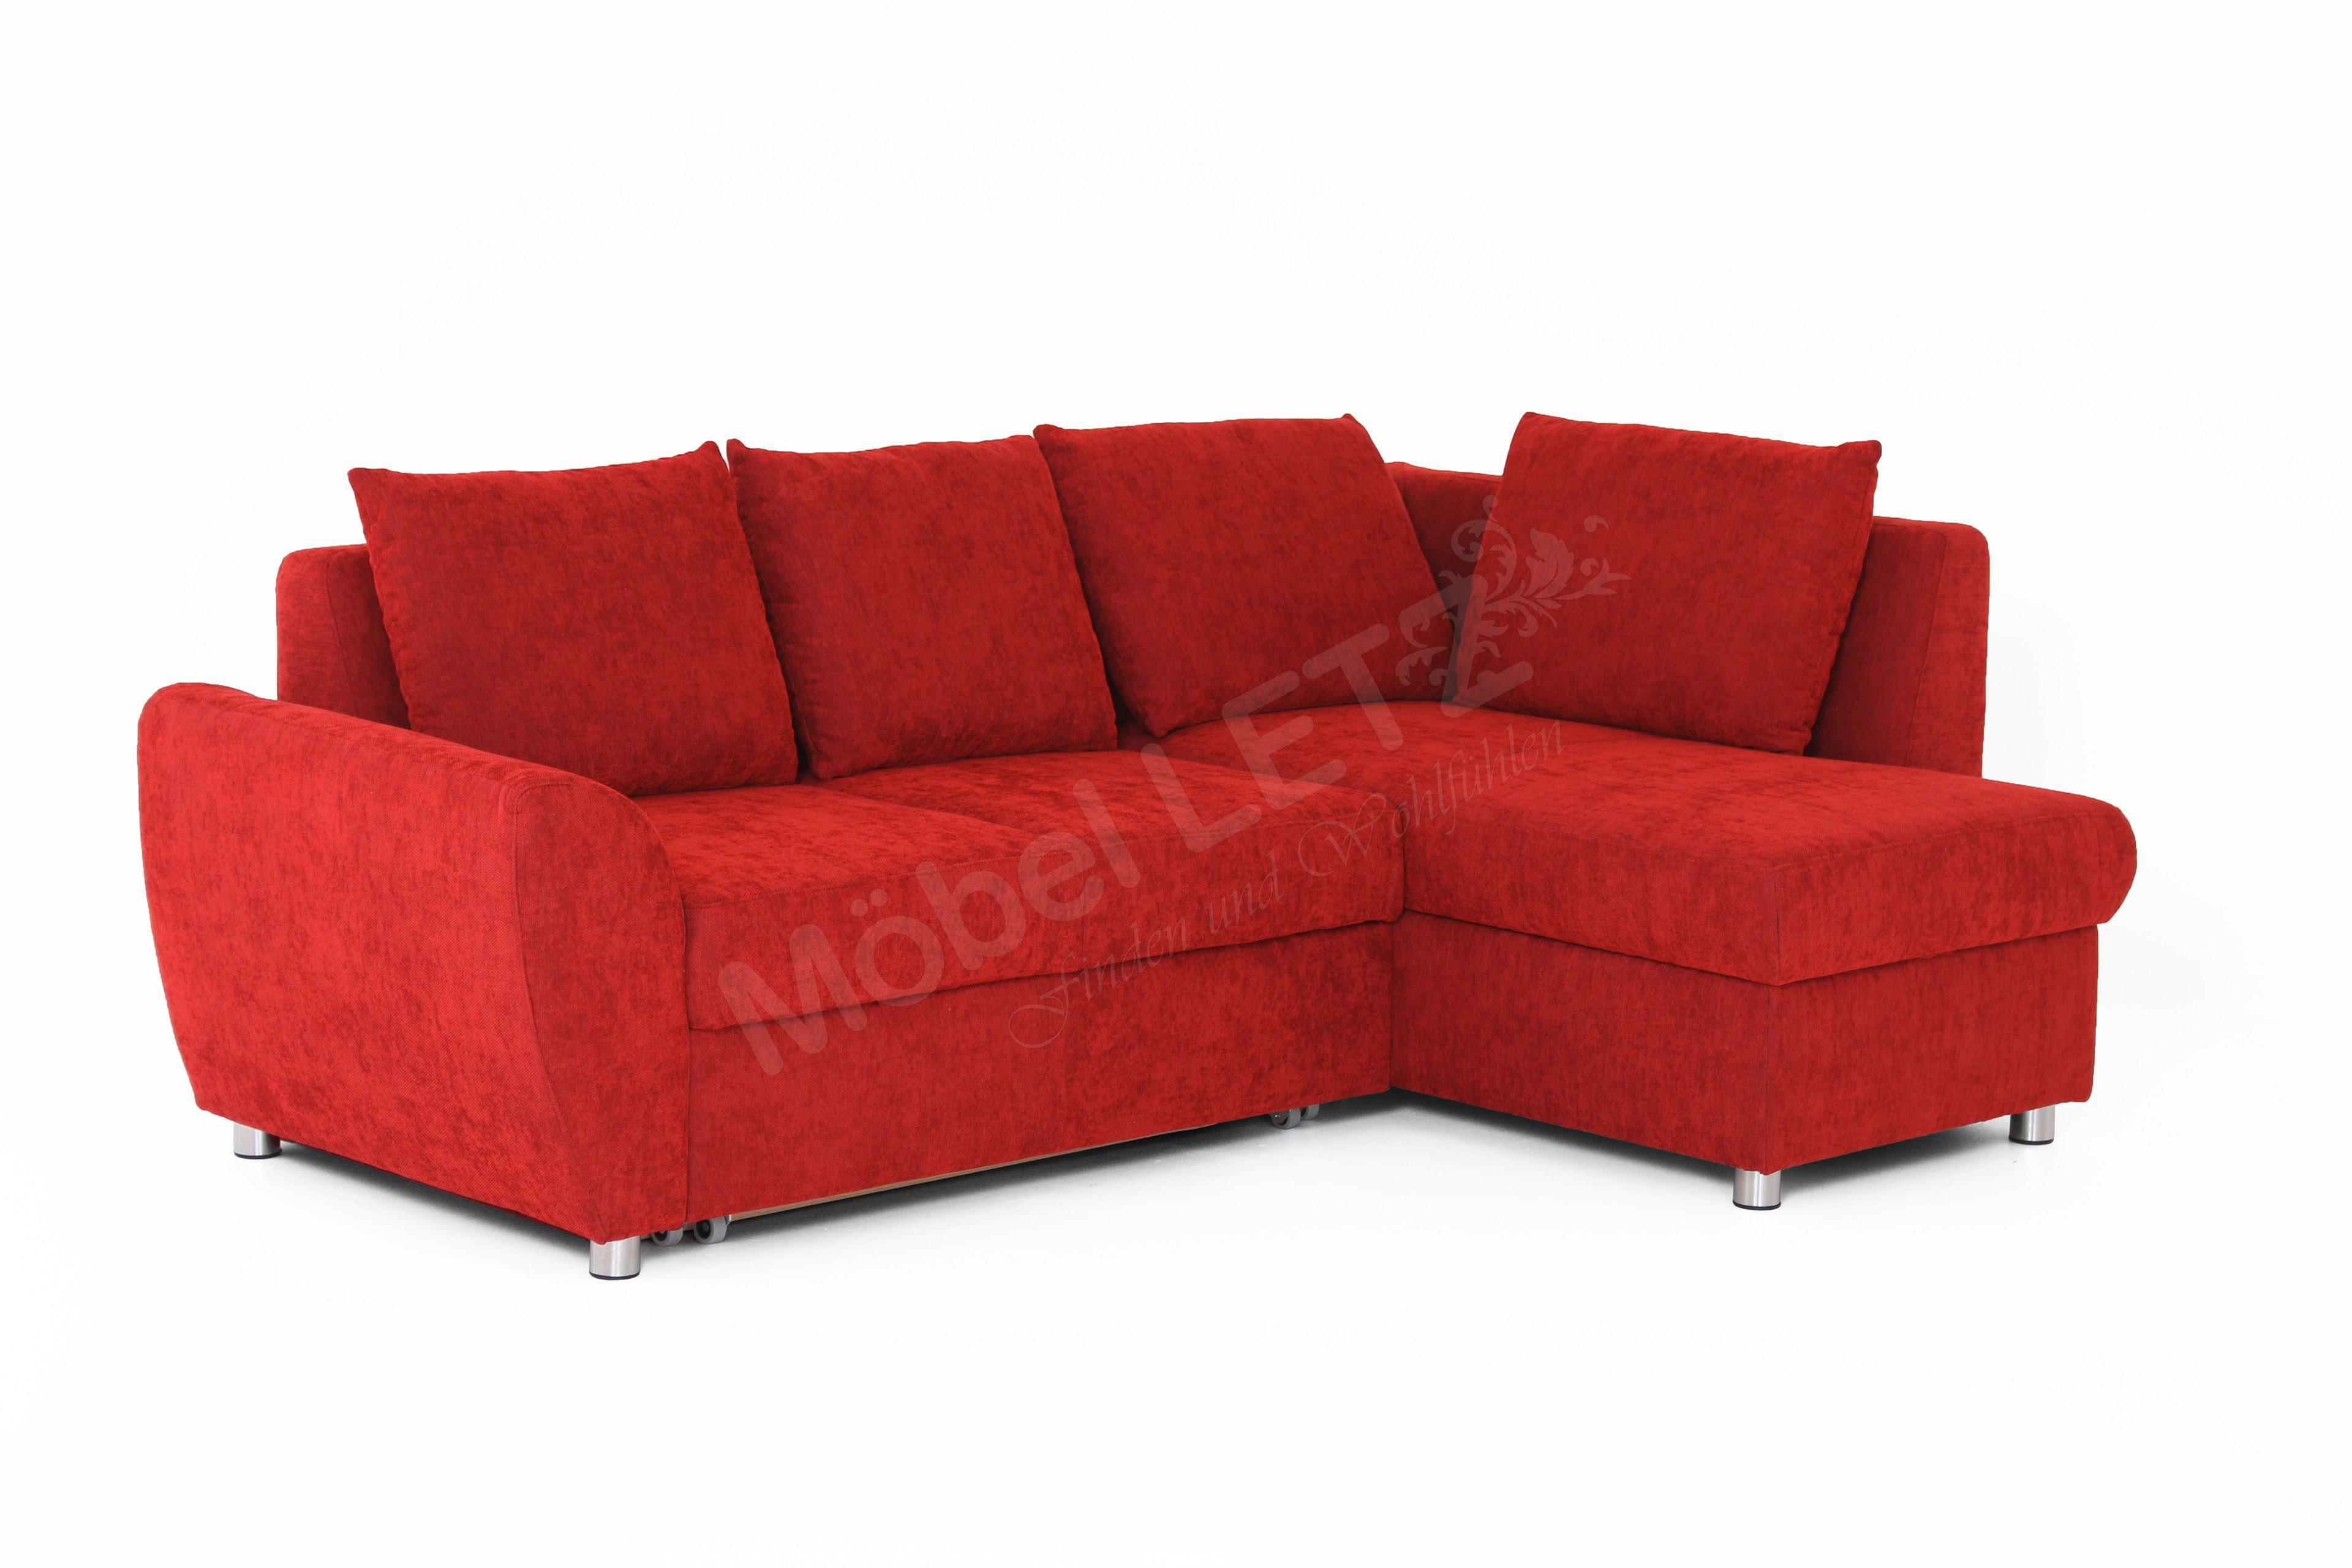 multiflexx von poco ecksofa rot polsterm bel g nstig online kaufen sofa couch schlafsofa zum. Black Bedroom Furniture Sets. Home Design Ideas